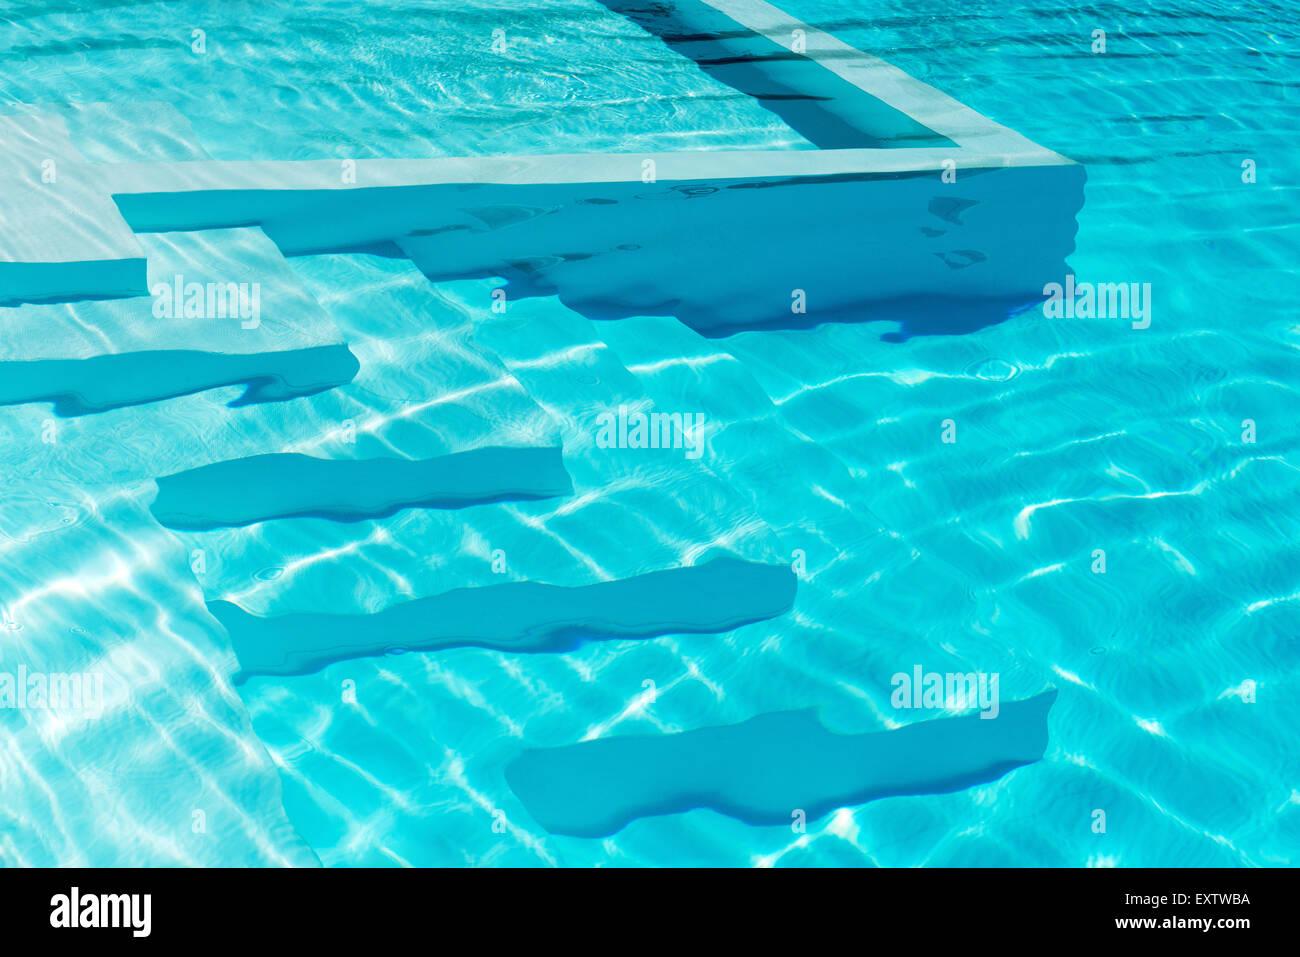 Unterwasser Schritte in einen glitzernden blauen Swimmingpool mit Reflexionen Stockbild